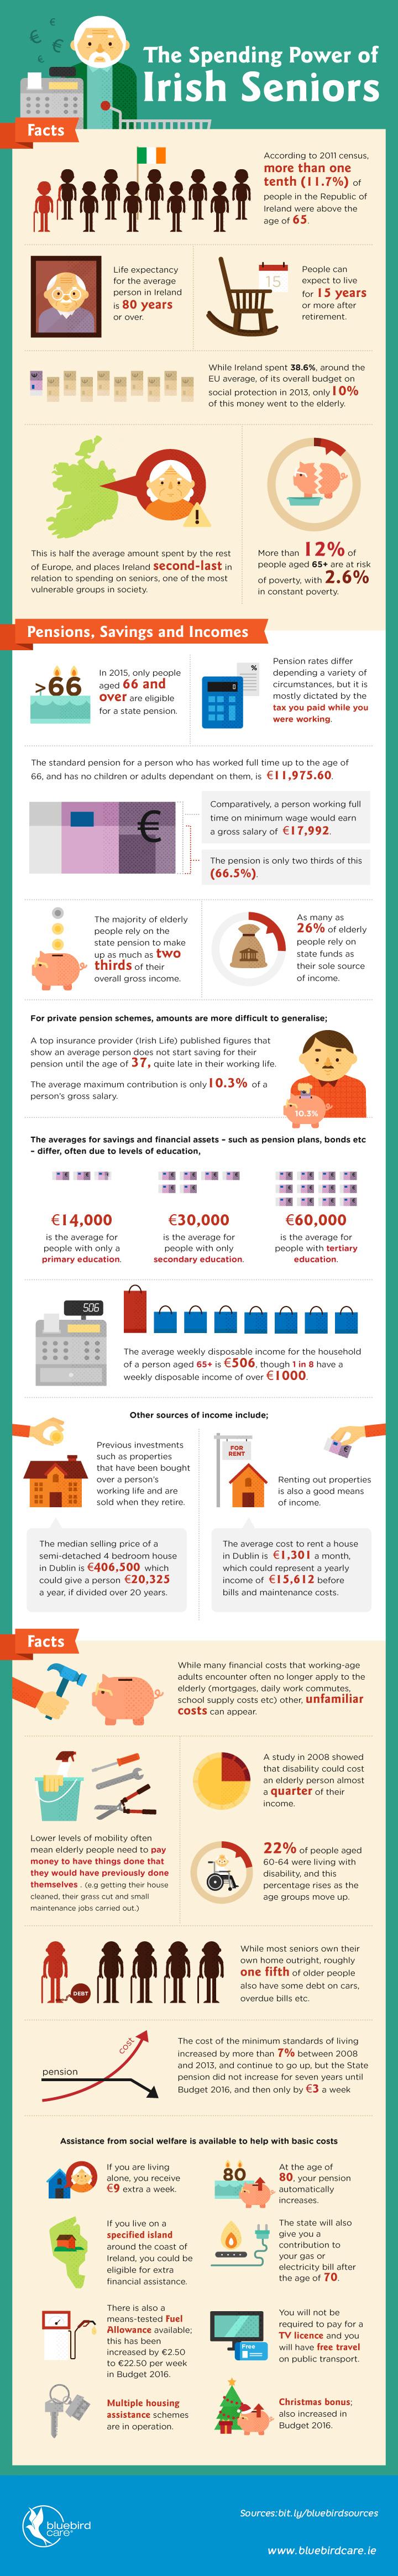 The Spending Power Of Irish Seniors